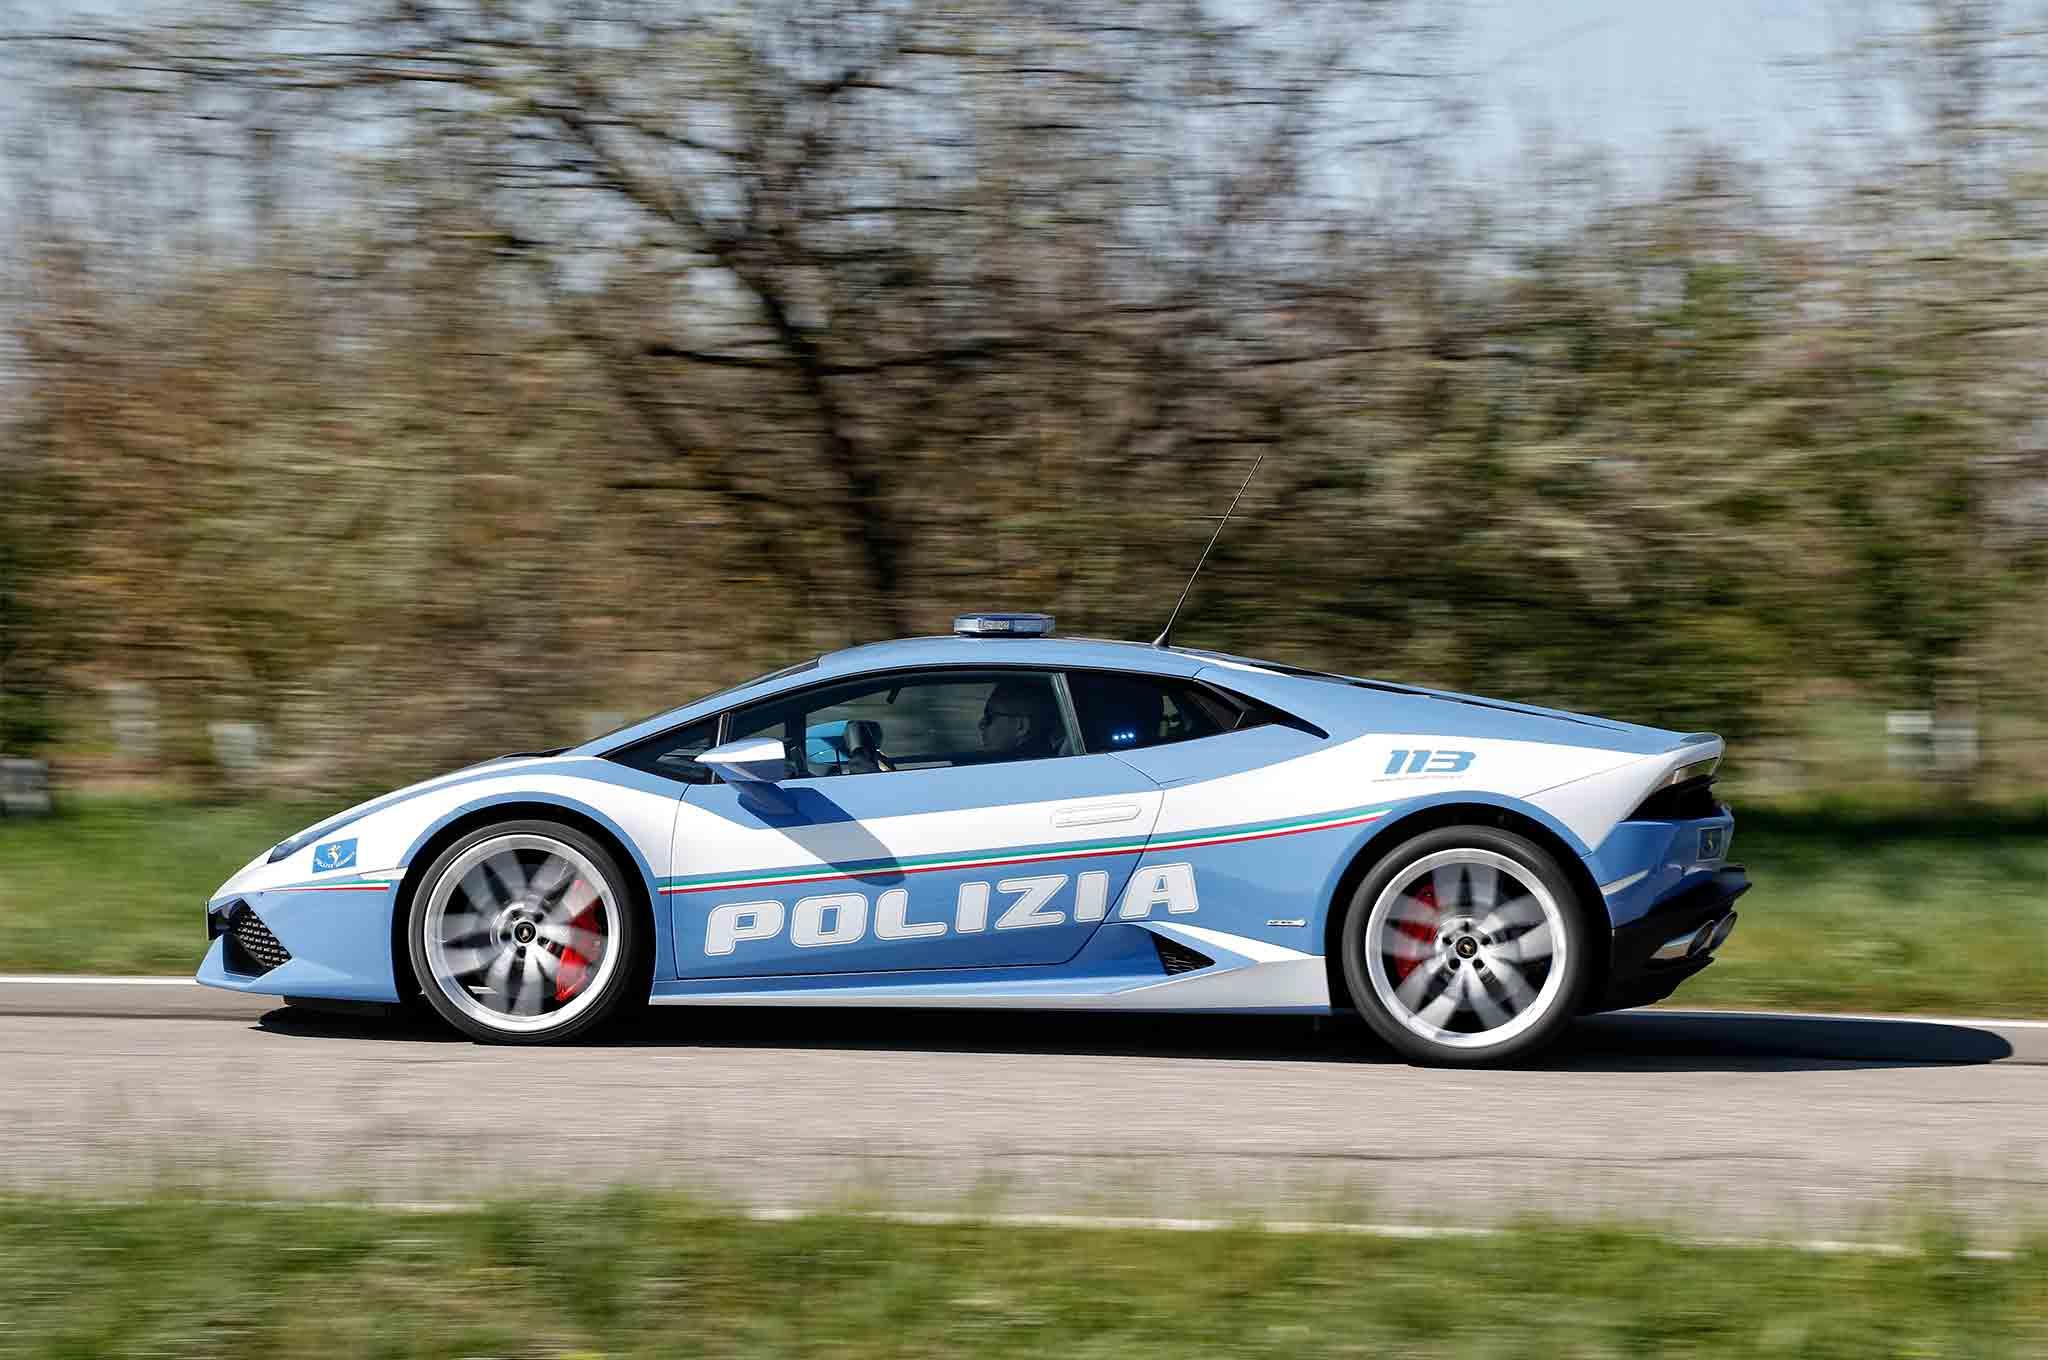 Lamborghini-Huracan-Polizia-side-profile-in-motion-1